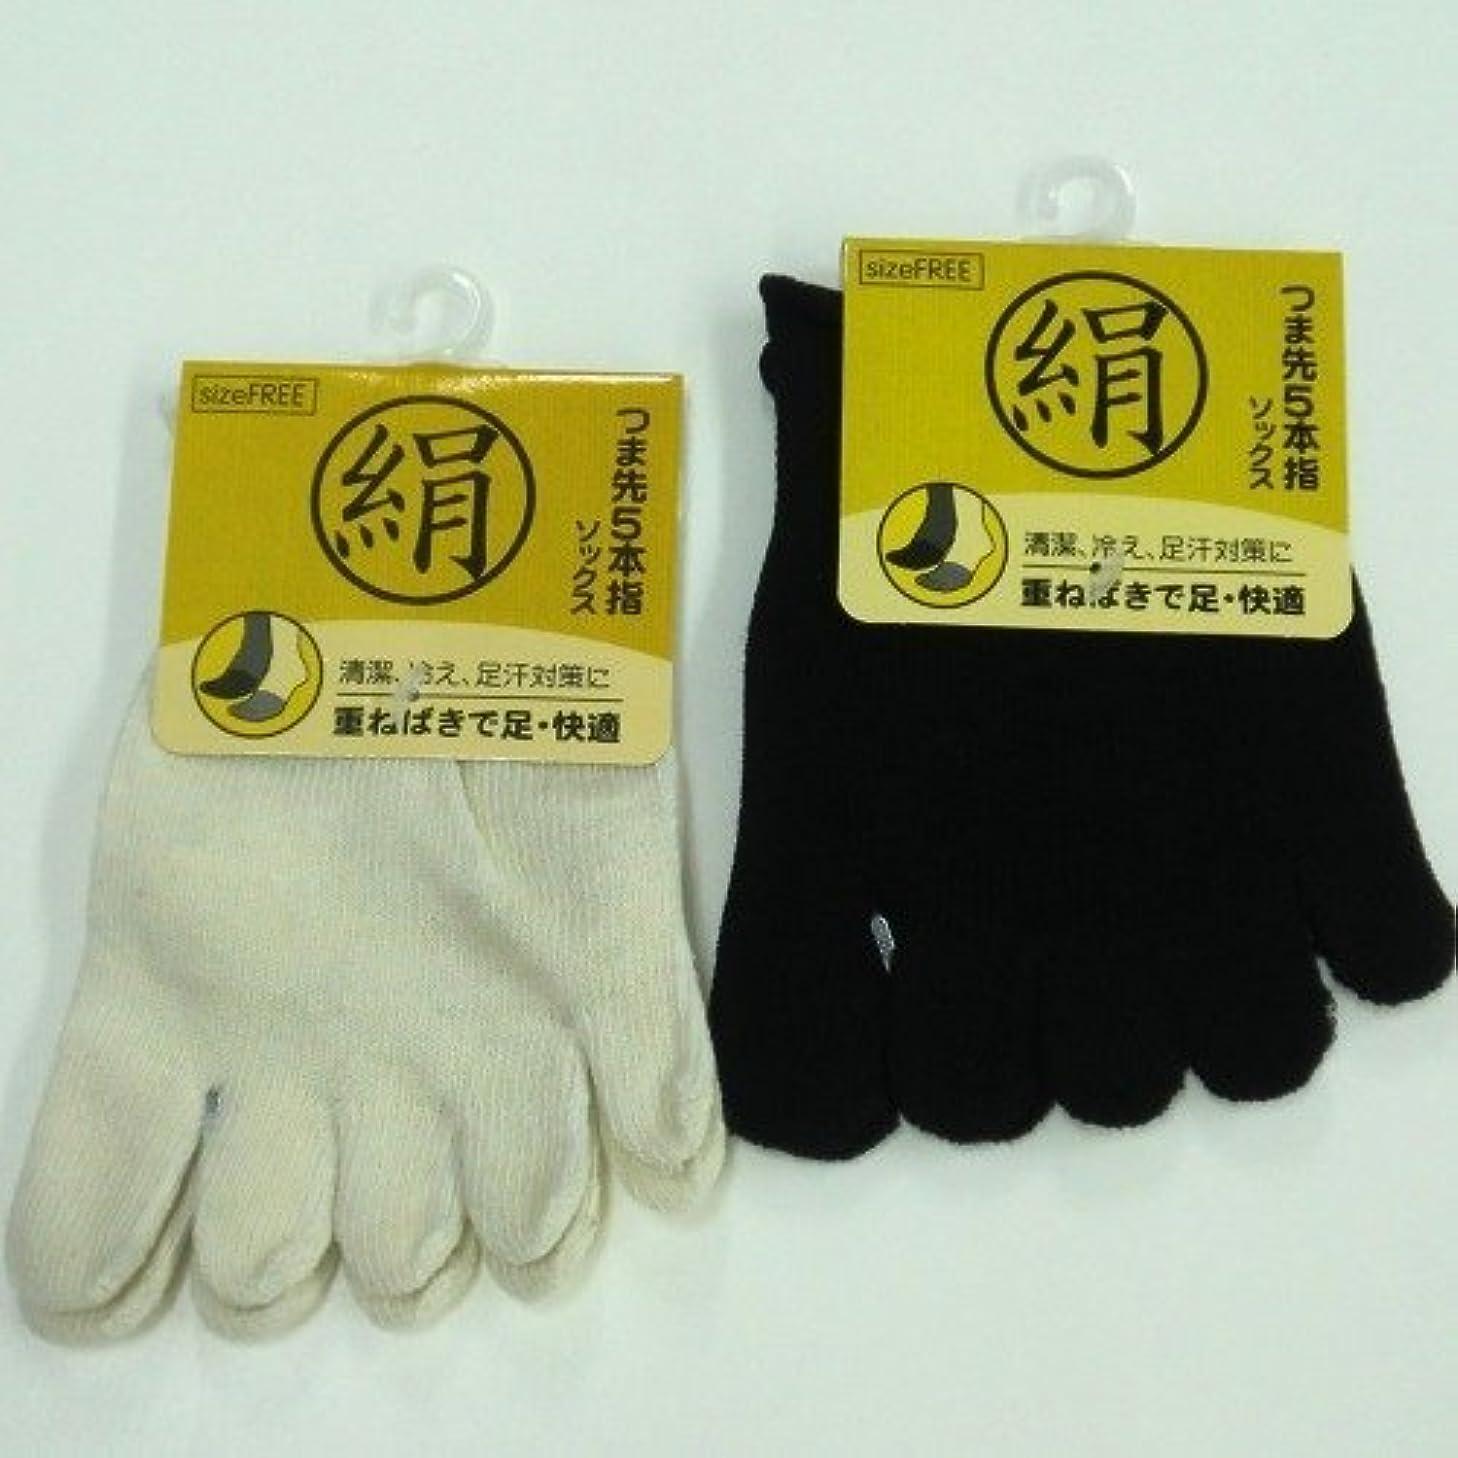 精巧な眼学習シルク 5本指ハーフソックス 足指カバー 天然素材絹で抗菌防臭 4足組